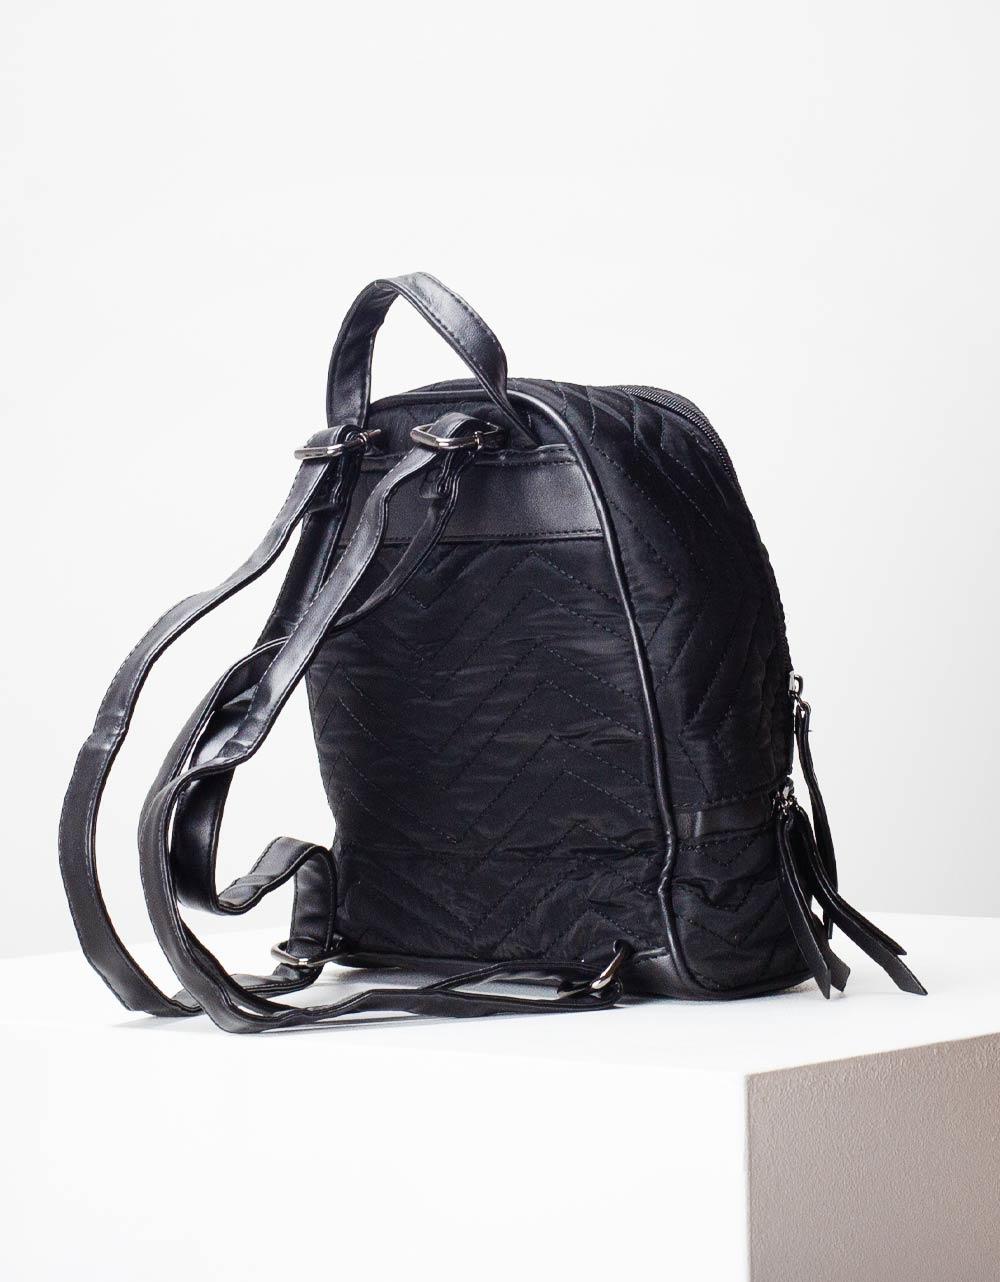 Εικόνα από Γυναικεία σακίδια πλάτης με εξωτερικές ραφές Μαύρο